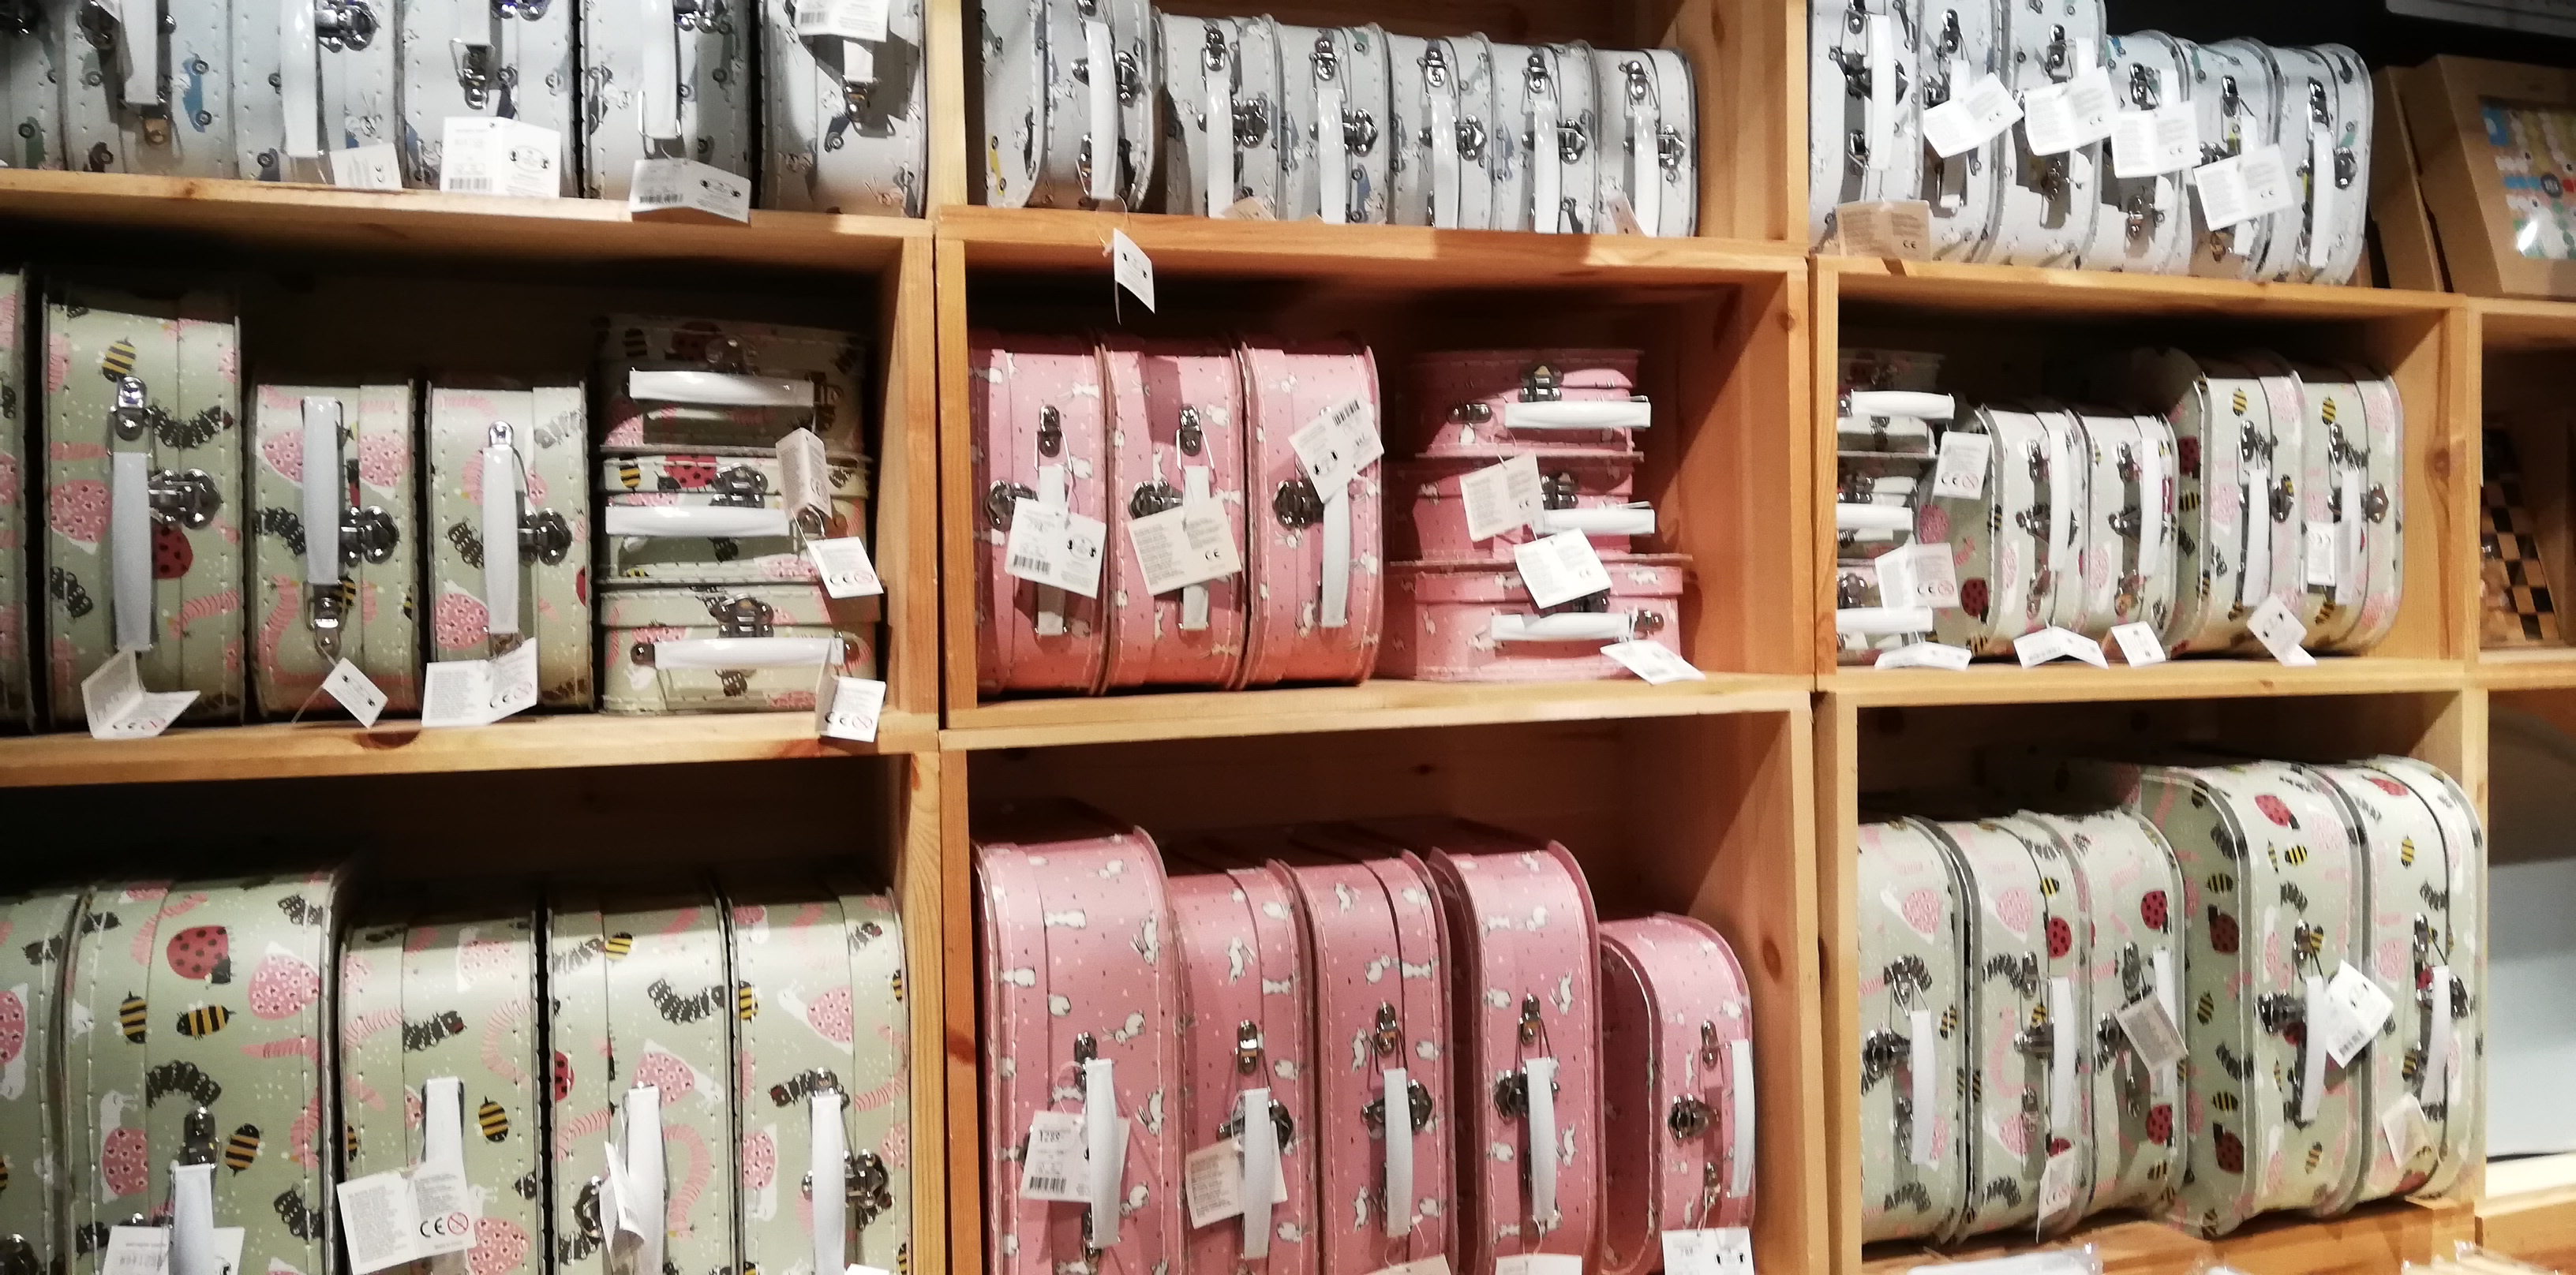 安くてかわいい北欧キッズ雑貨を発見!でも購入我慢する訓練の話。